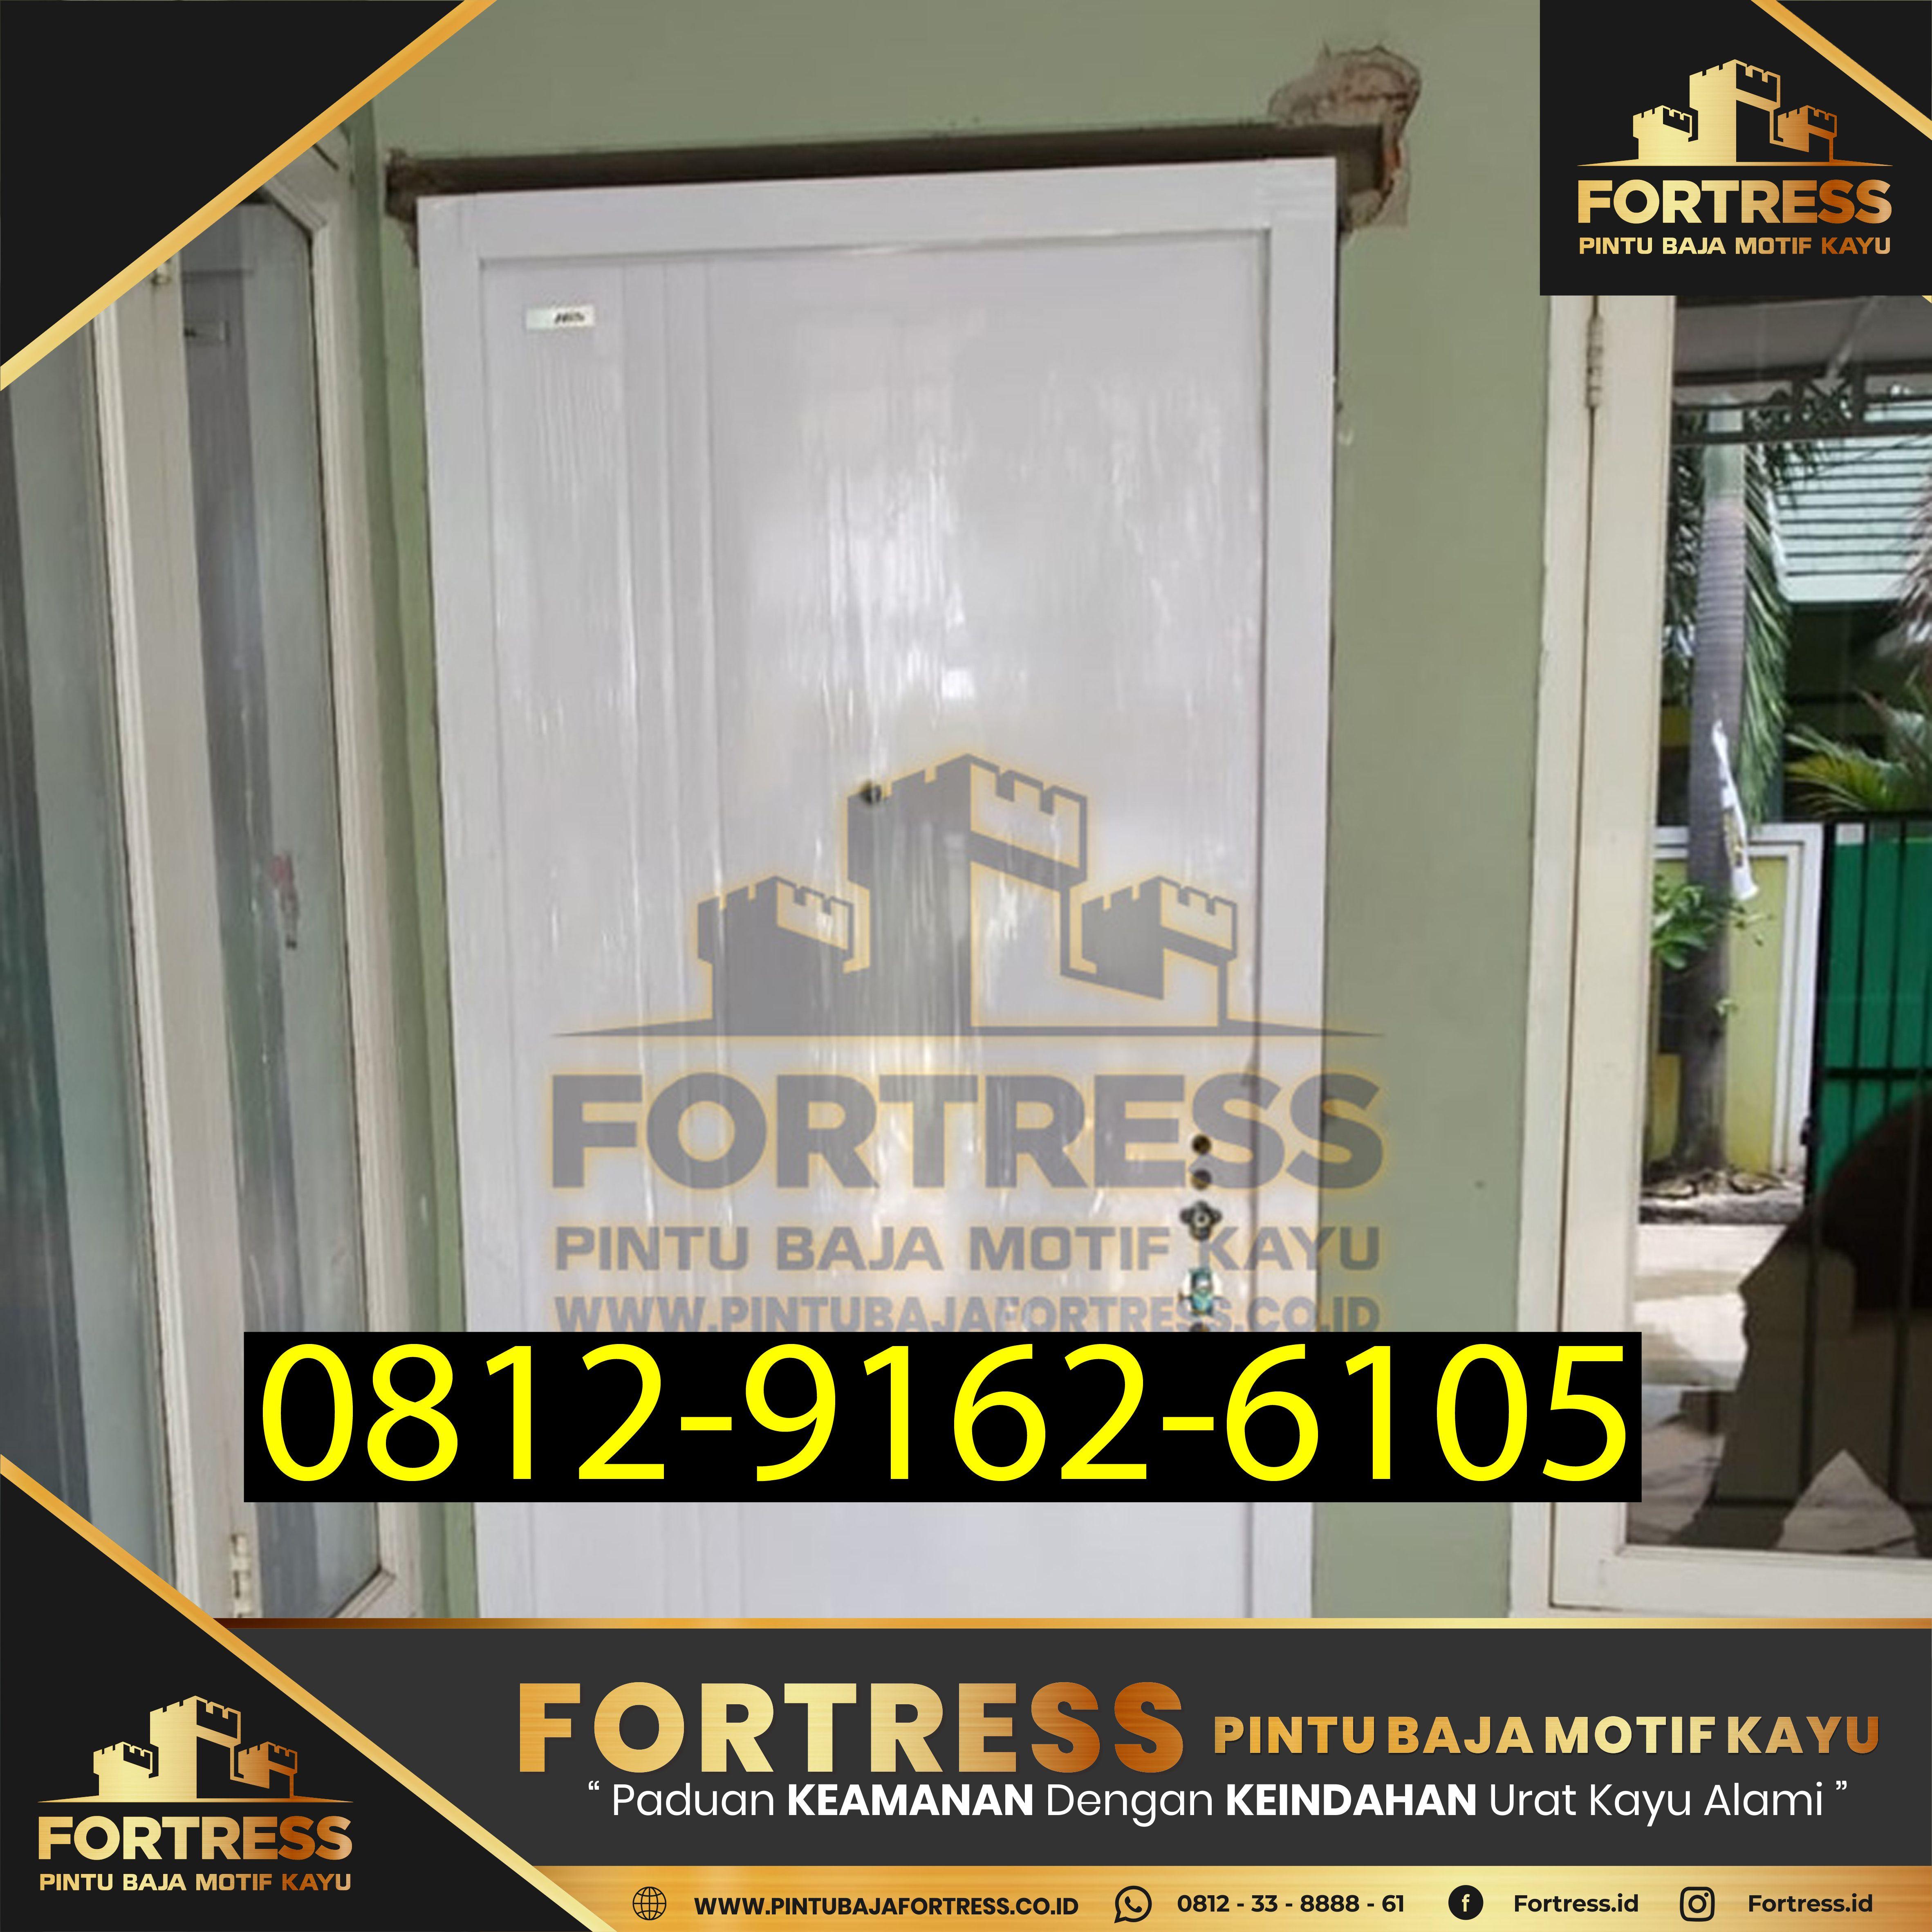 Jual Baja Ringan Depok Pin Oleh Pintu Fortress Di 0812 9162 6105 Fotress Harga